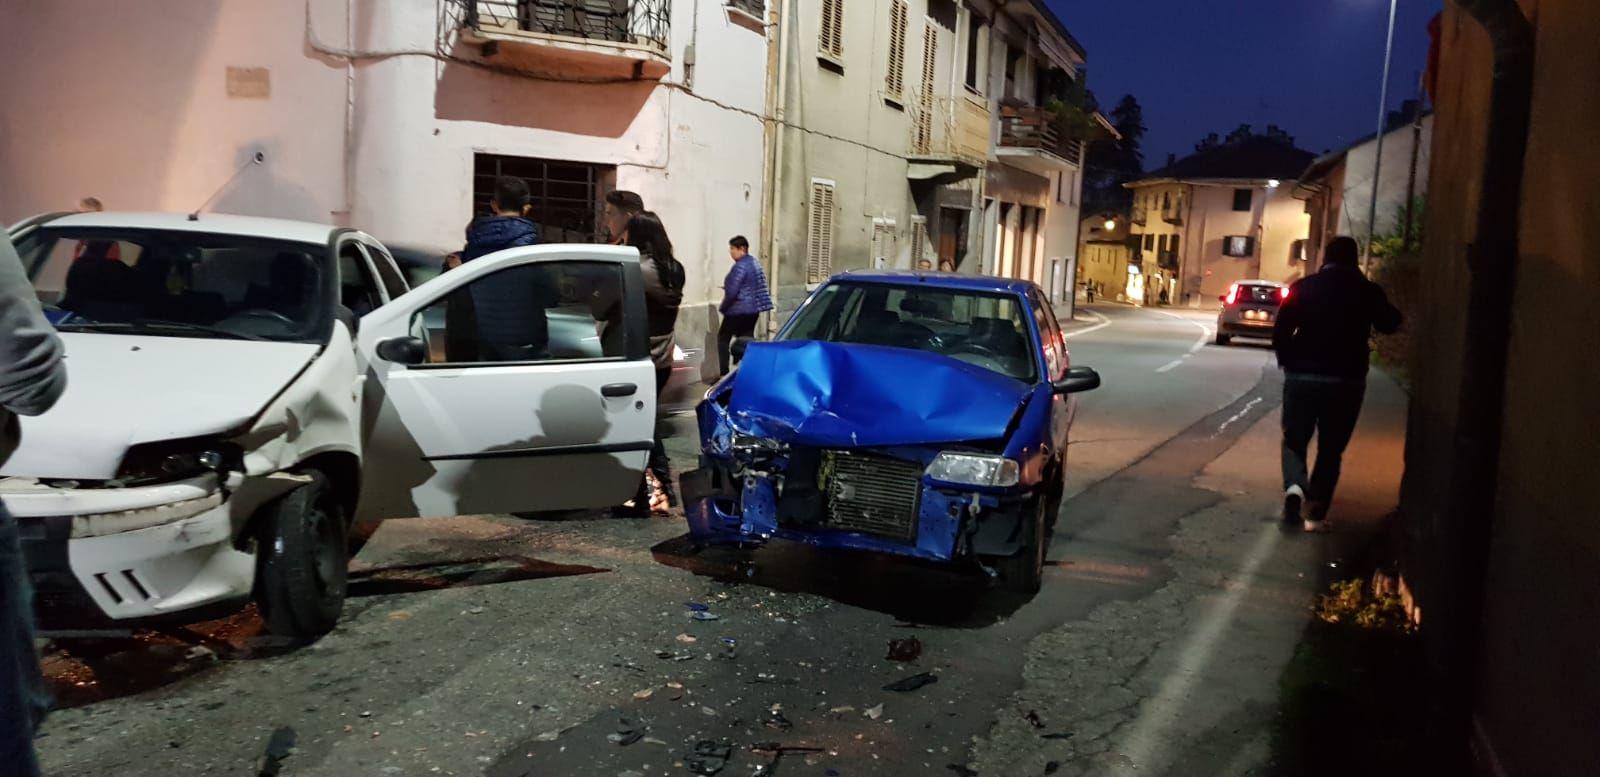 RIVARA - Ancora un incidente stradale al solito incrocio sulla provinciale per Forno Canavese - FOTO